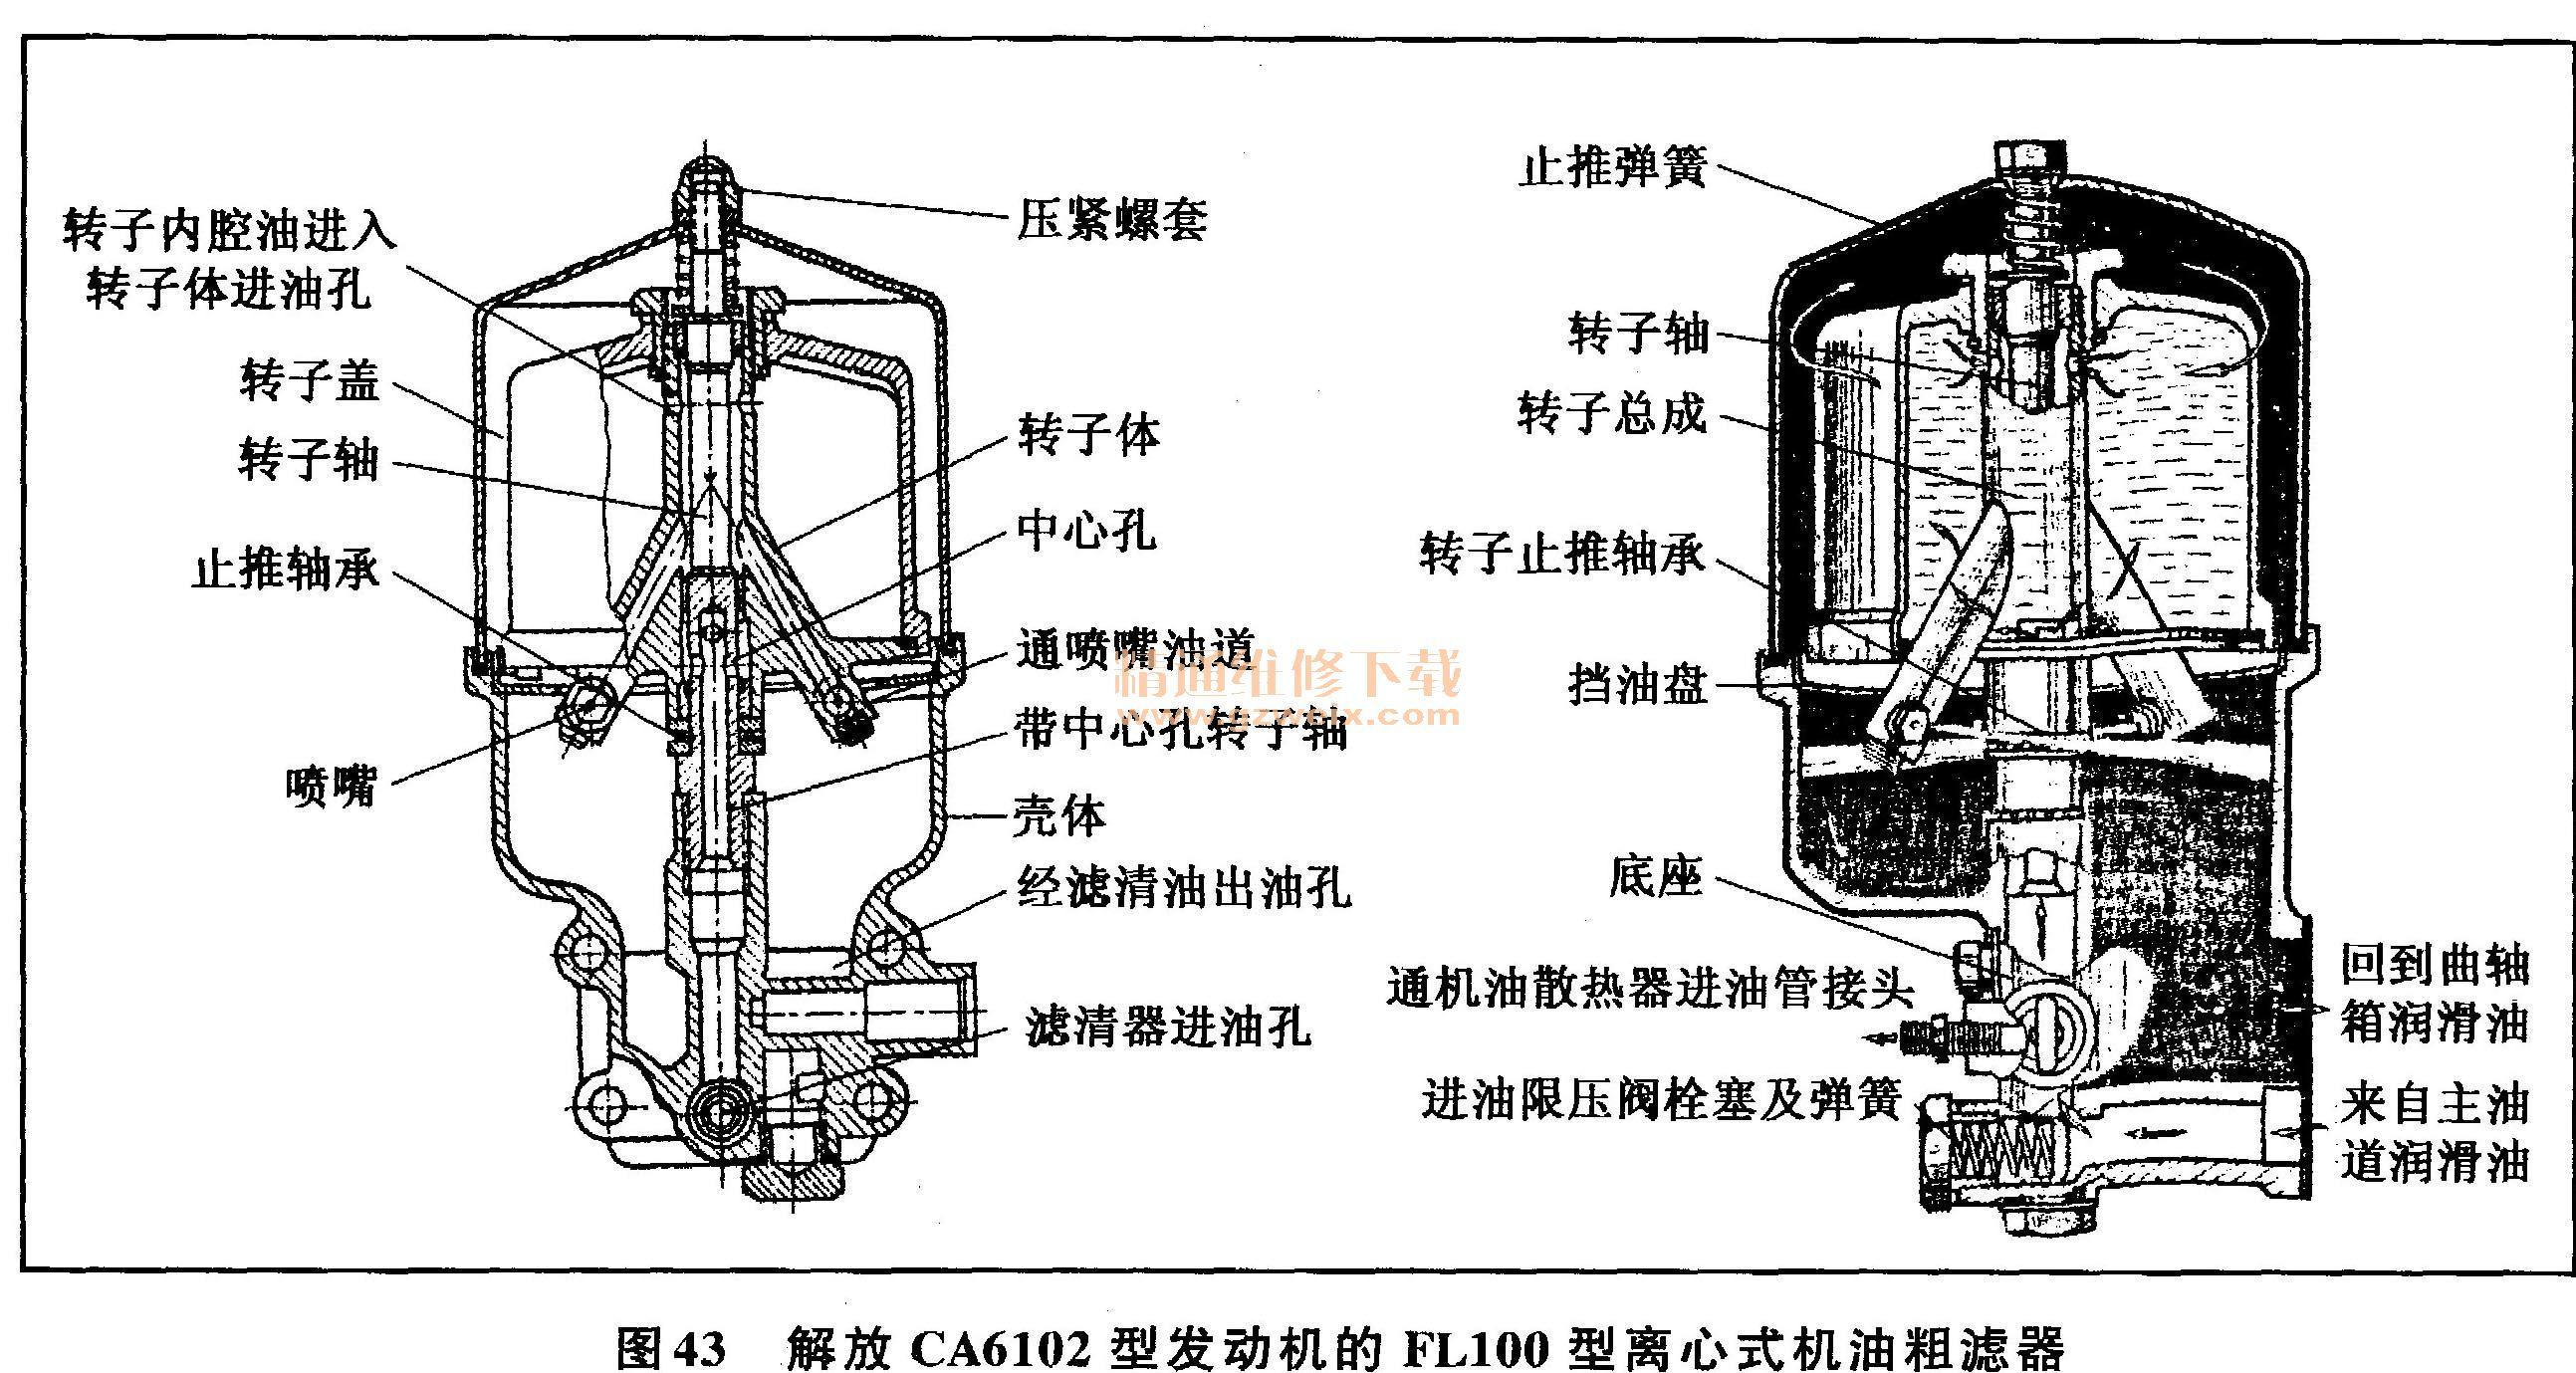 详解汽车发动机润滑系统的主要部件